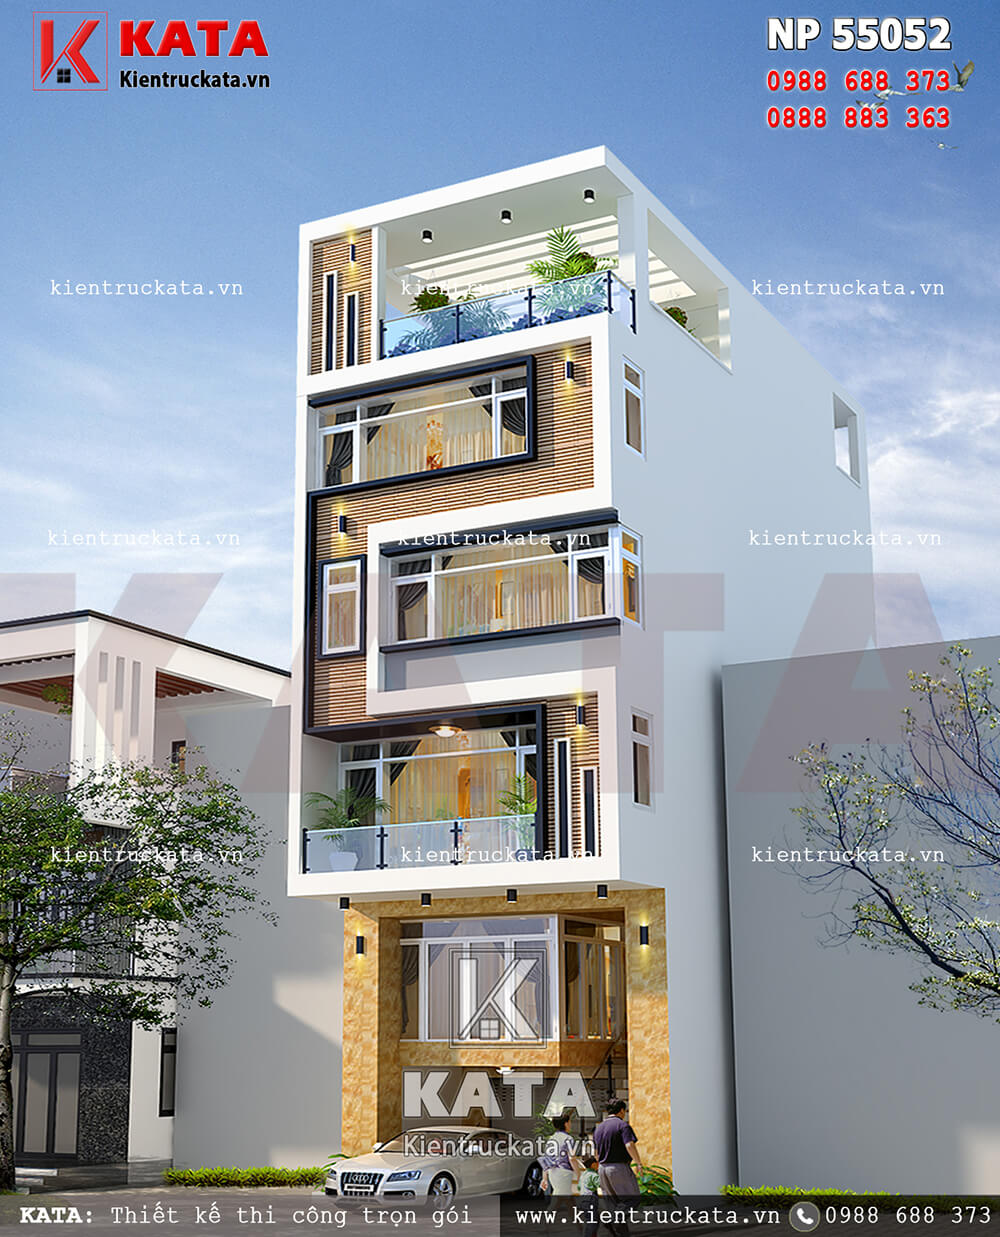 Một góc nhìn của mẫu thiết kế nhà phố 5 tầng kết hợp kinh doanh tại Hải Phòng